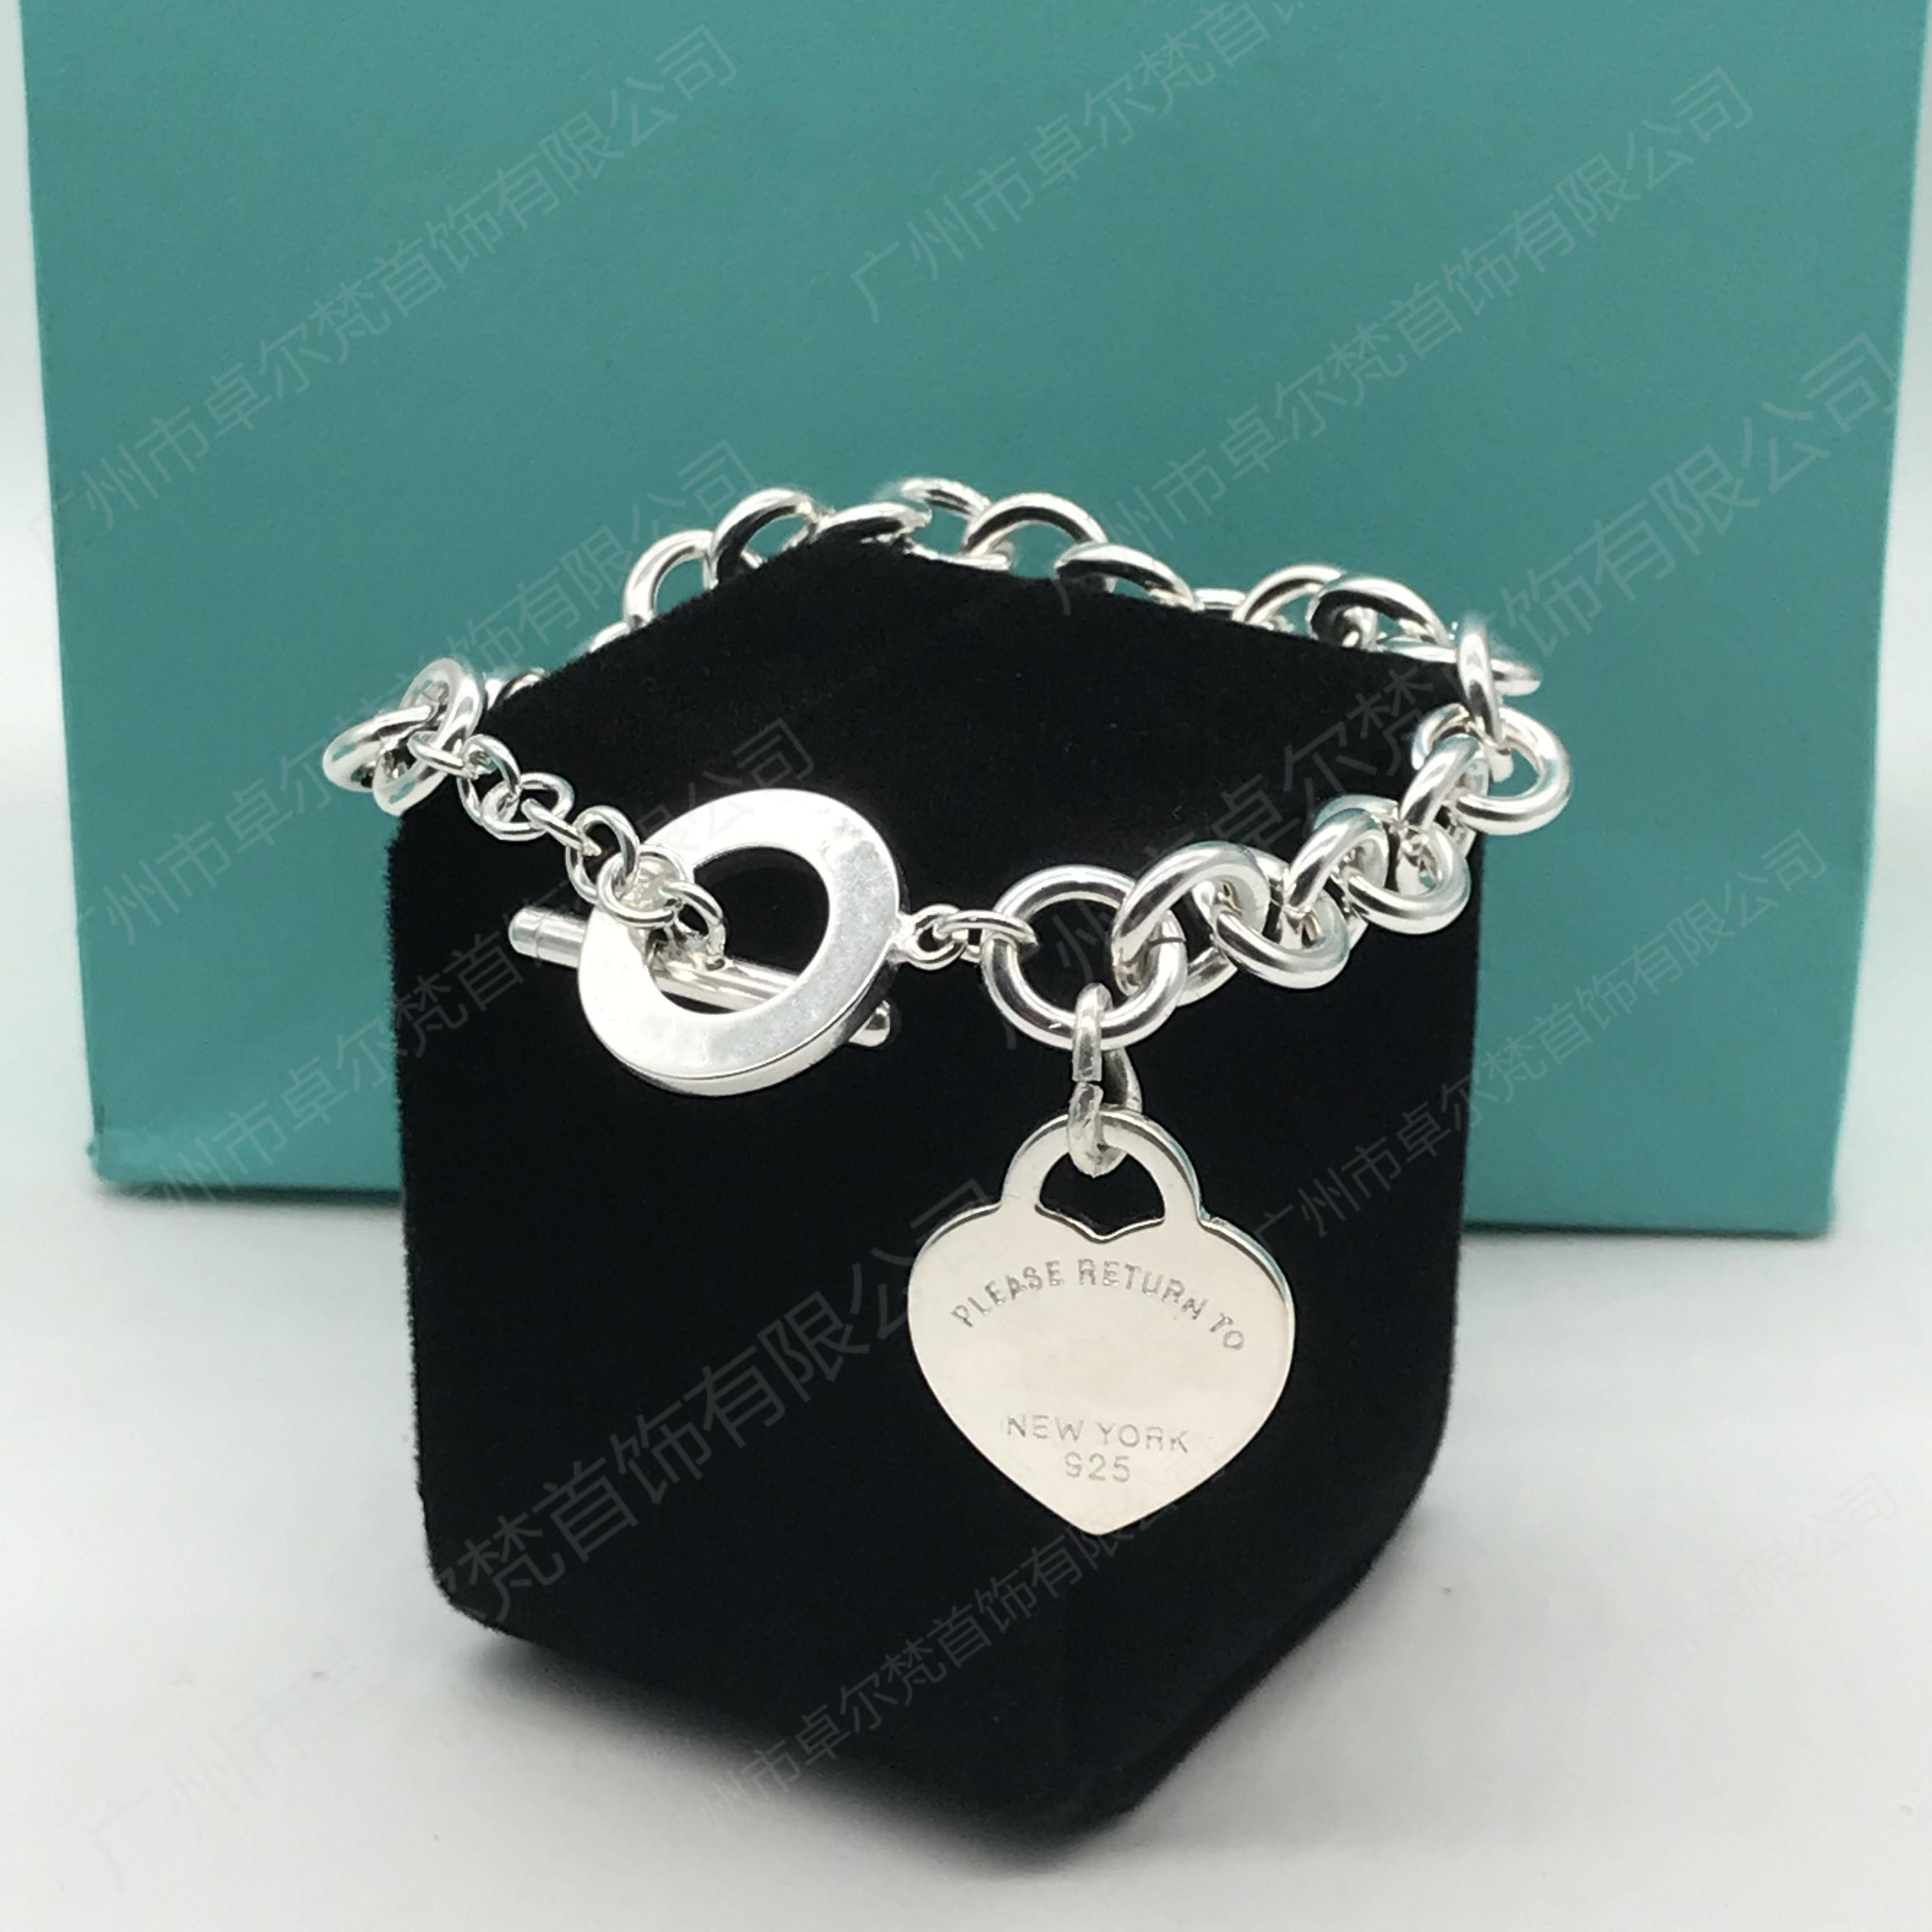 TIF Hot Sale Buckle Design Women's Heart Bracelet in Sterling Silver, High-quality Carter Bracelet, Fine Fashion Jewellery